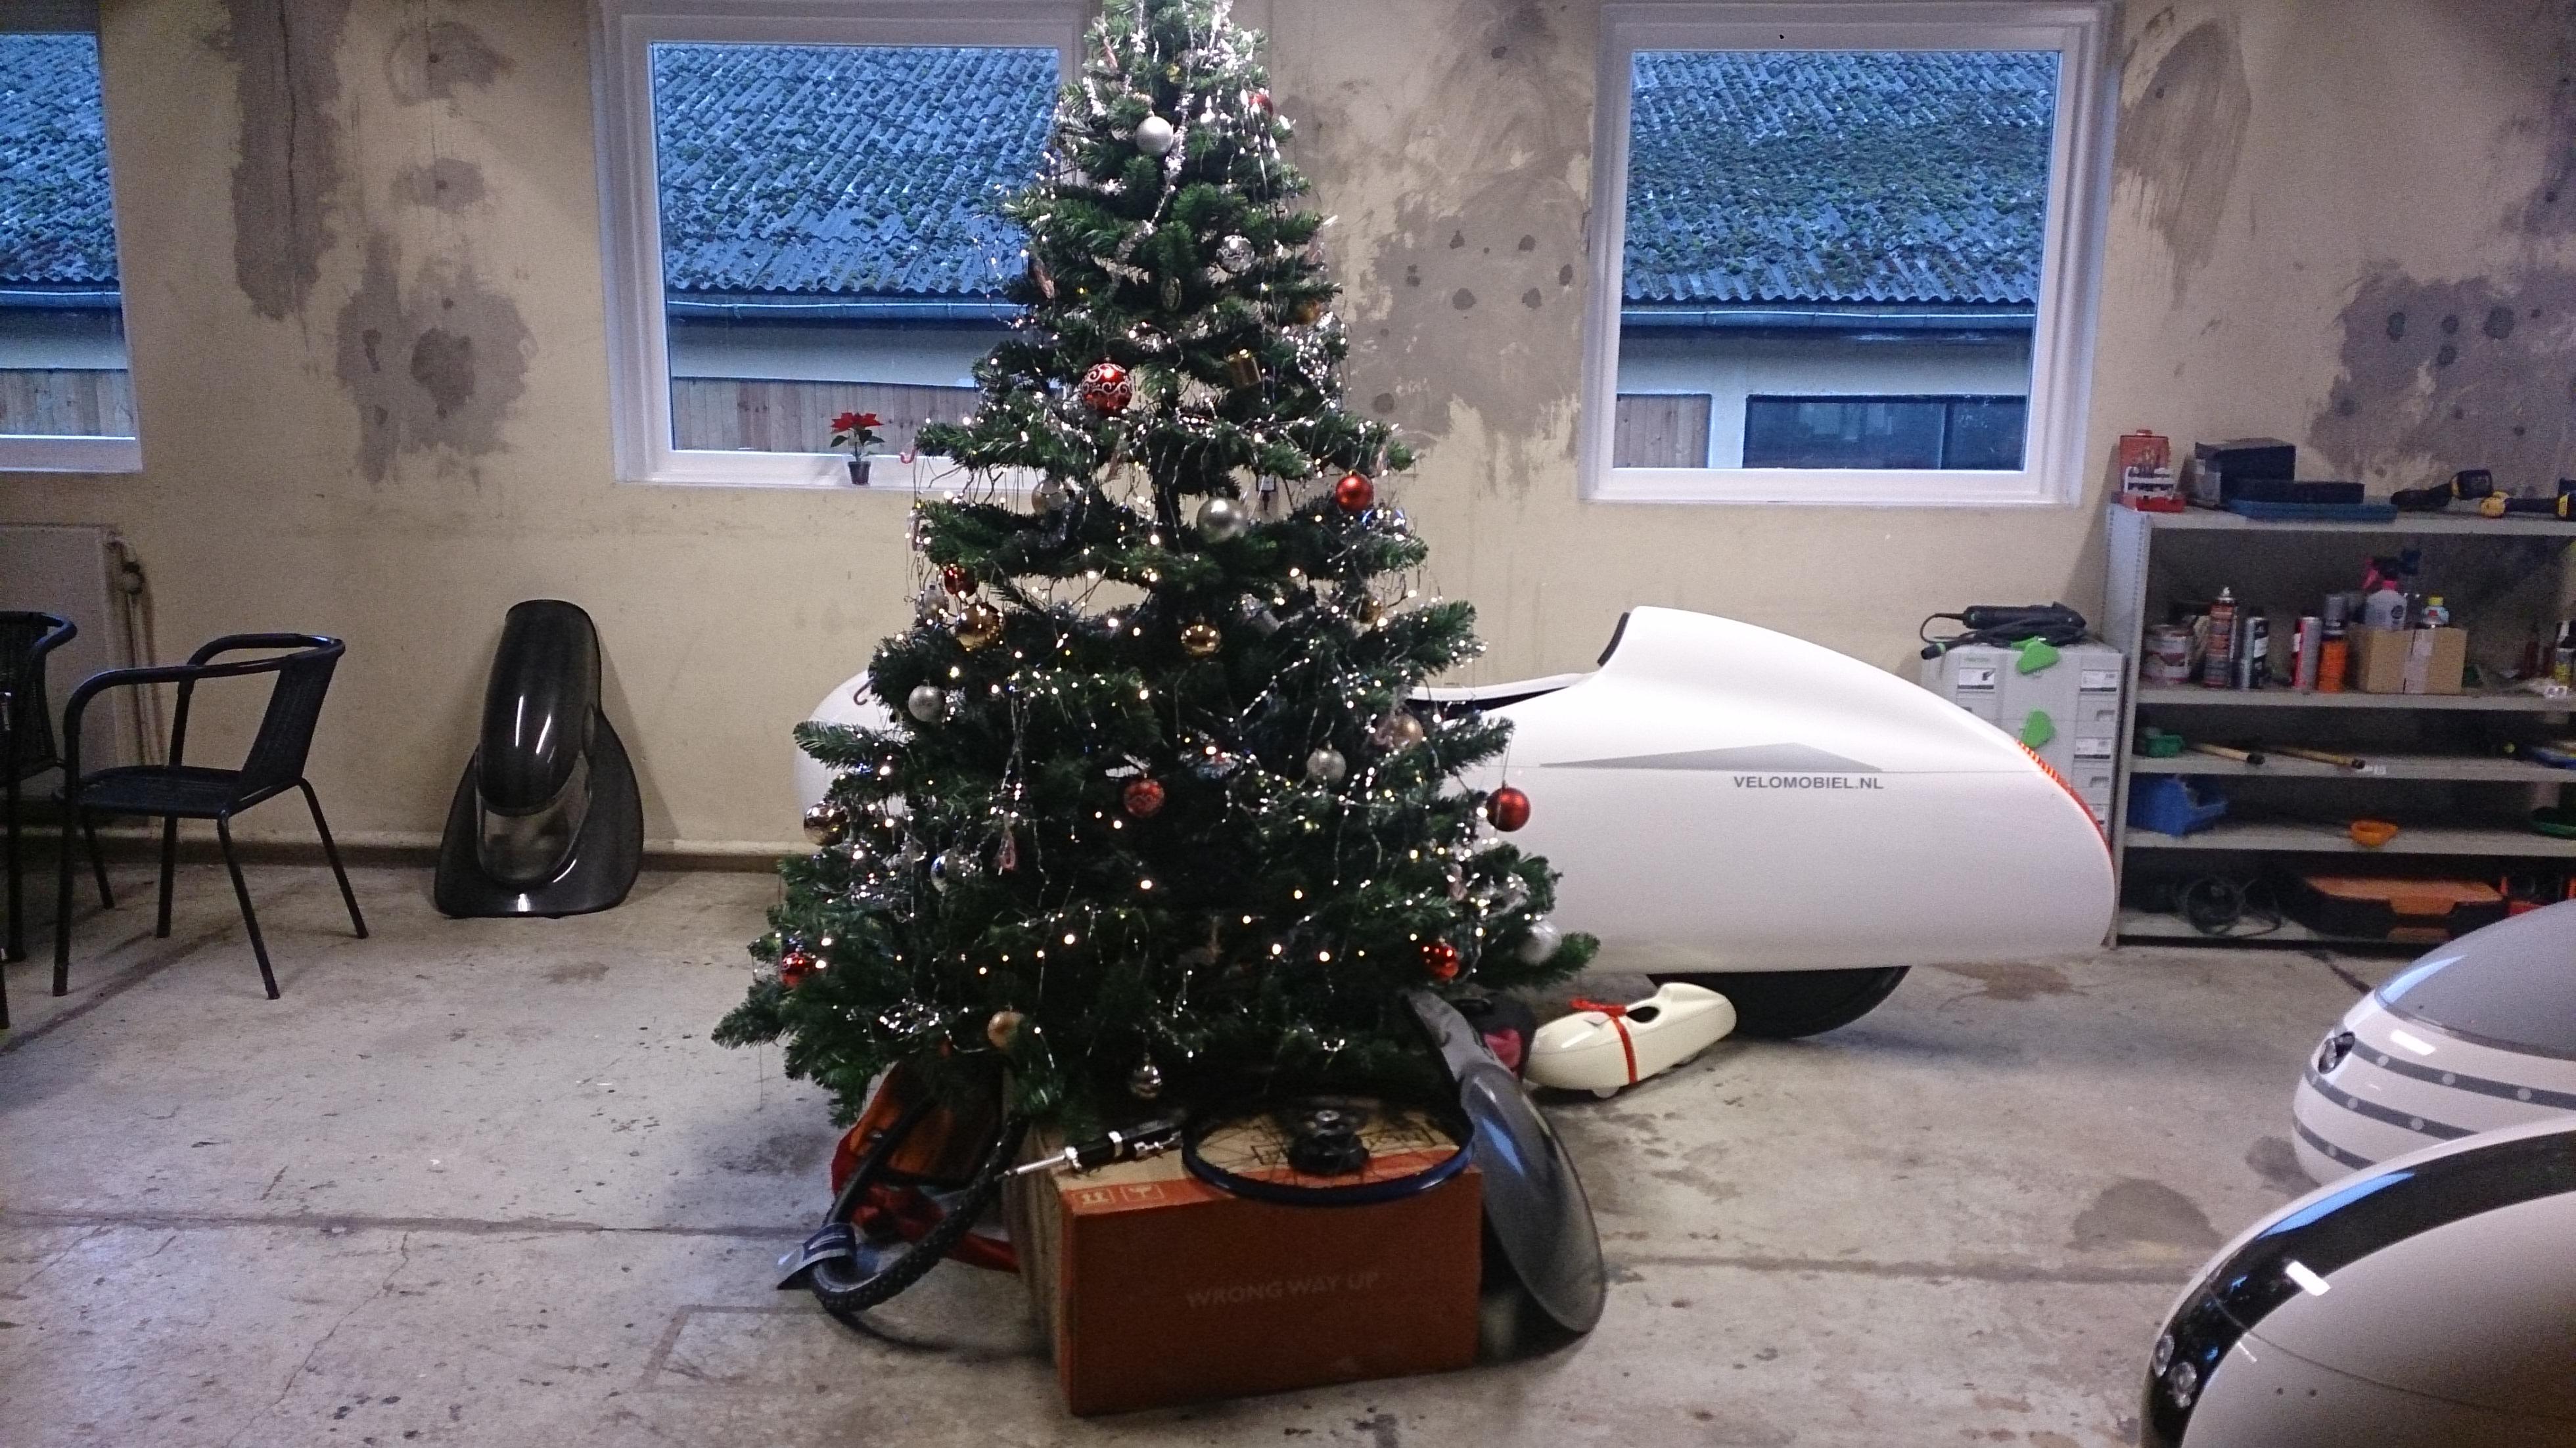 Juletræf og juletræ